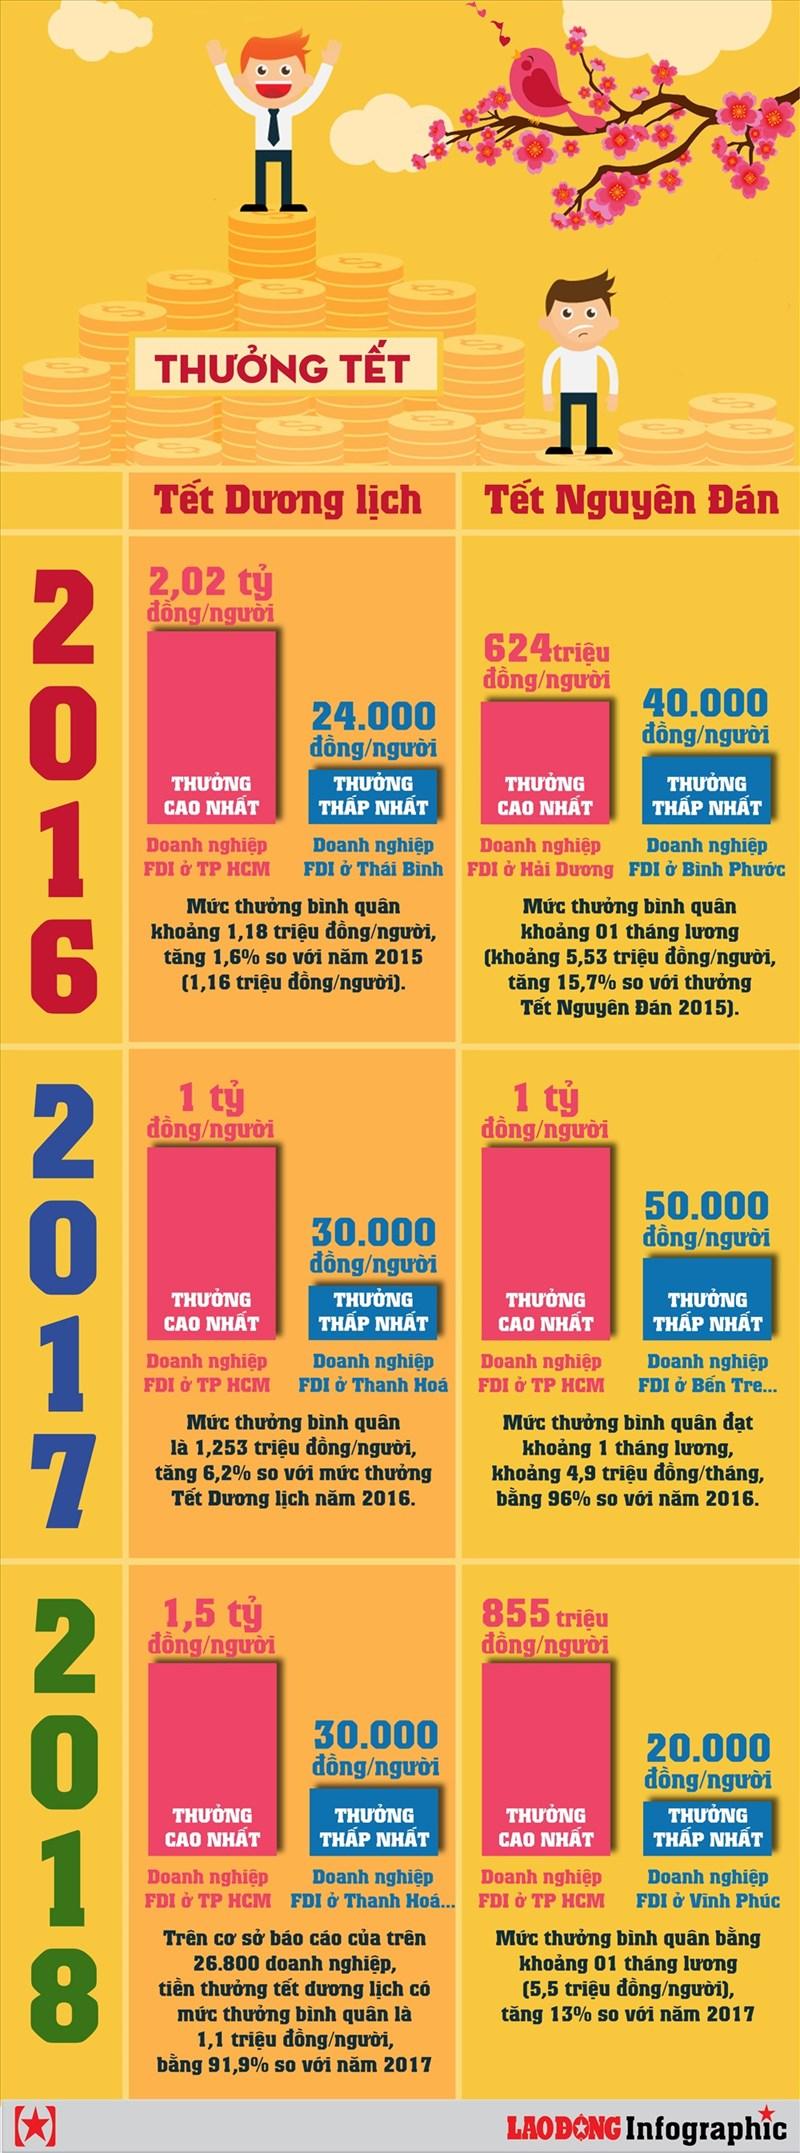 [Infographic] Thưởng tết qua các năm dao động như thế nào? - Ảnh 1